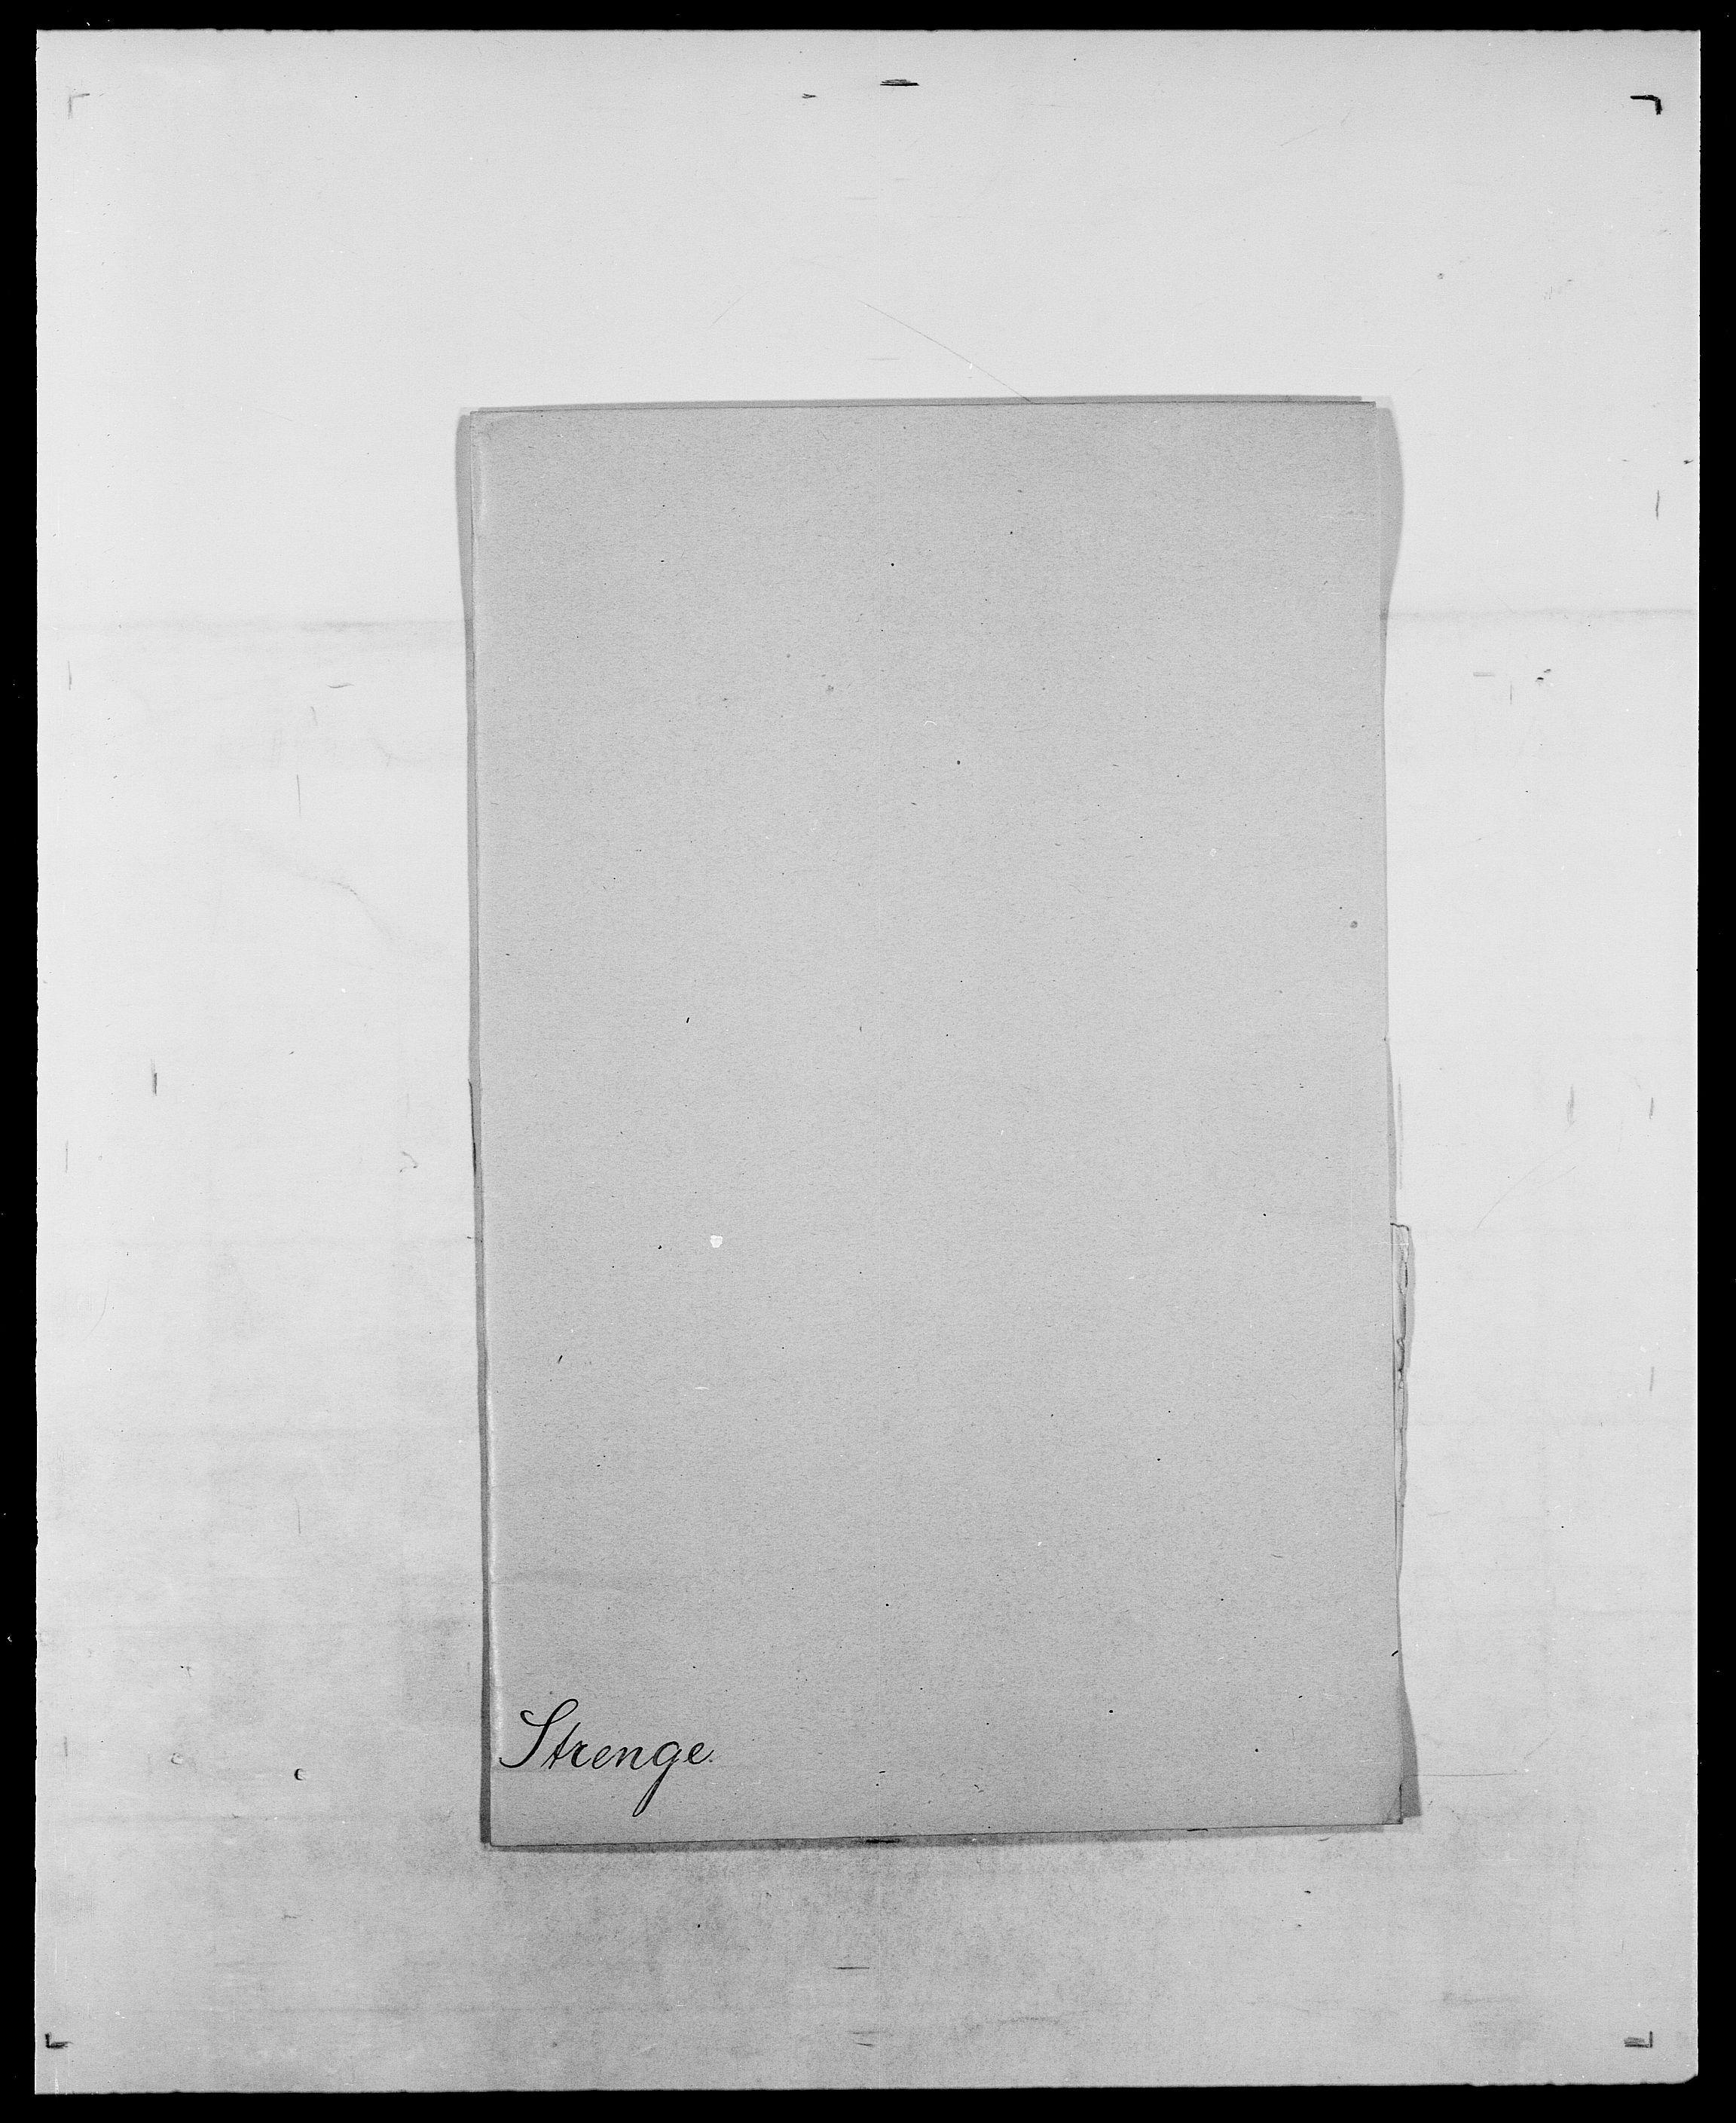 SAO, Delgobe, Charles Antoine - samling, D/Da/L0037: Steen, Sthen, Stein - Svare, Svanige, Svanne, se også Svanning og Schwane, s. 596